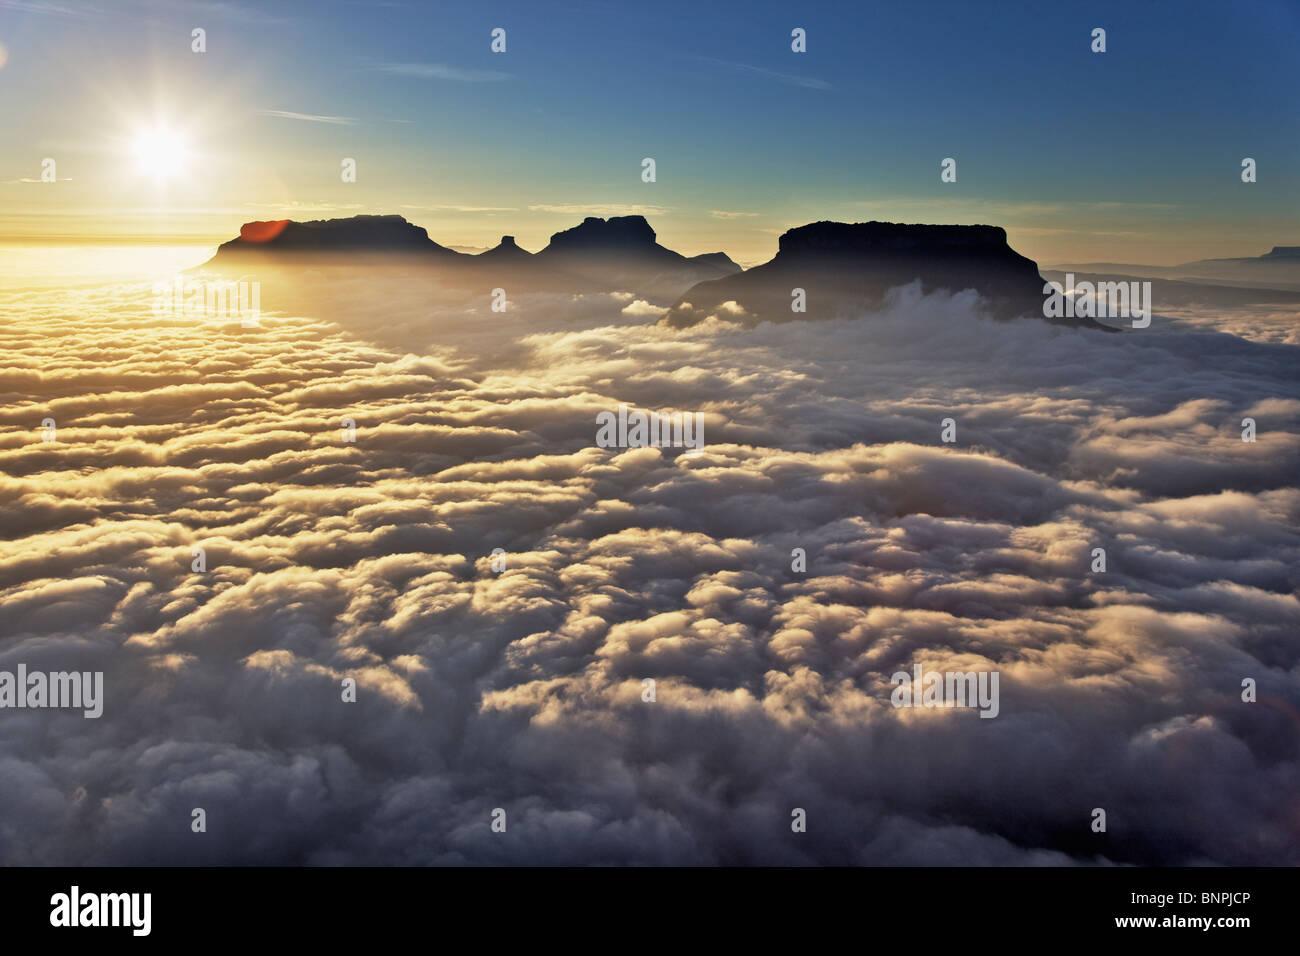 Luftaufnahme von Wolken wirbeln um den Gipfel des Sandsteingebirge oder Tepui, Venezuela Stockbild